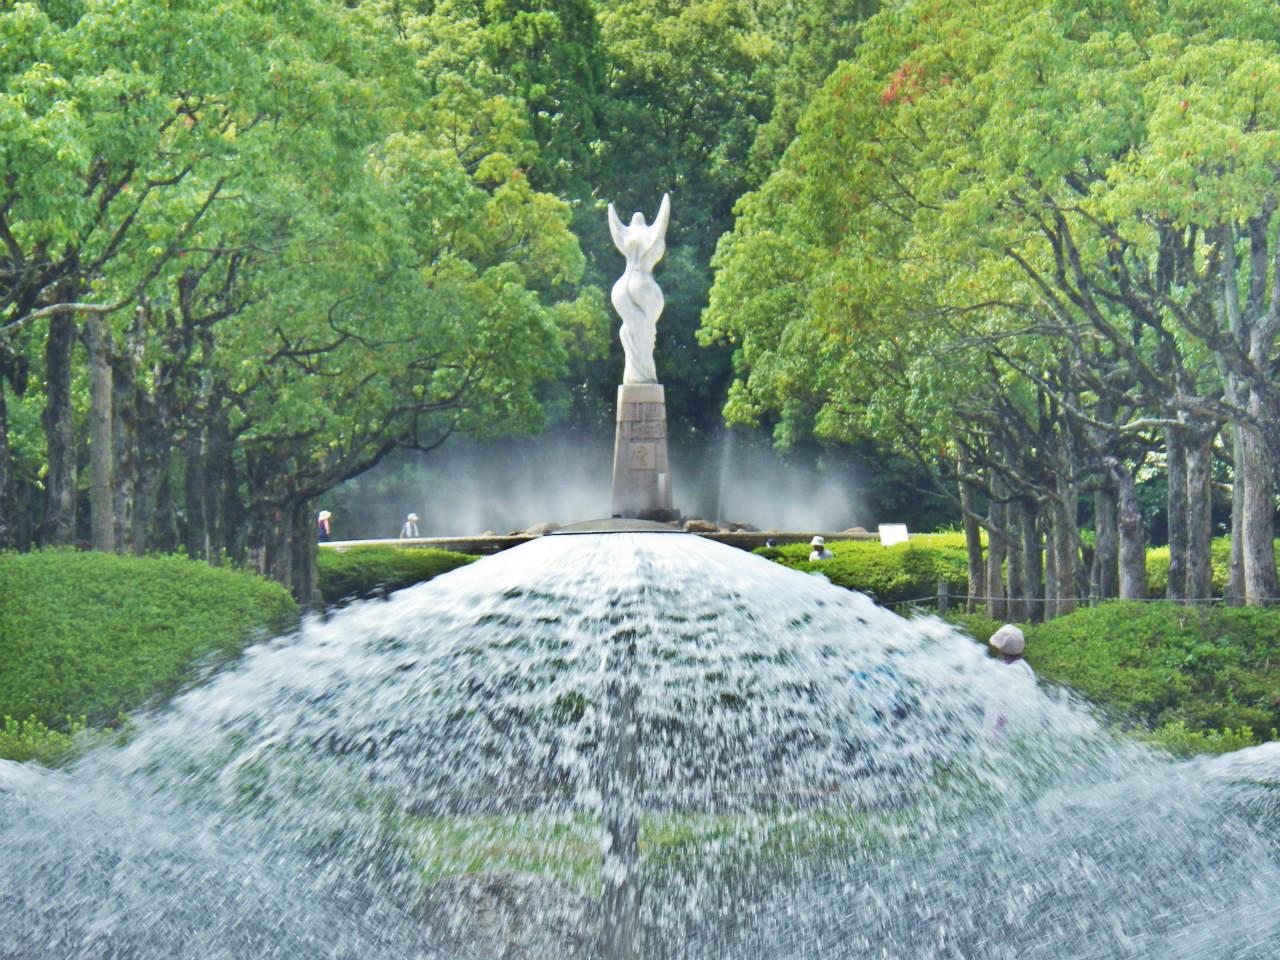 21b 傘型噴水と愛の像